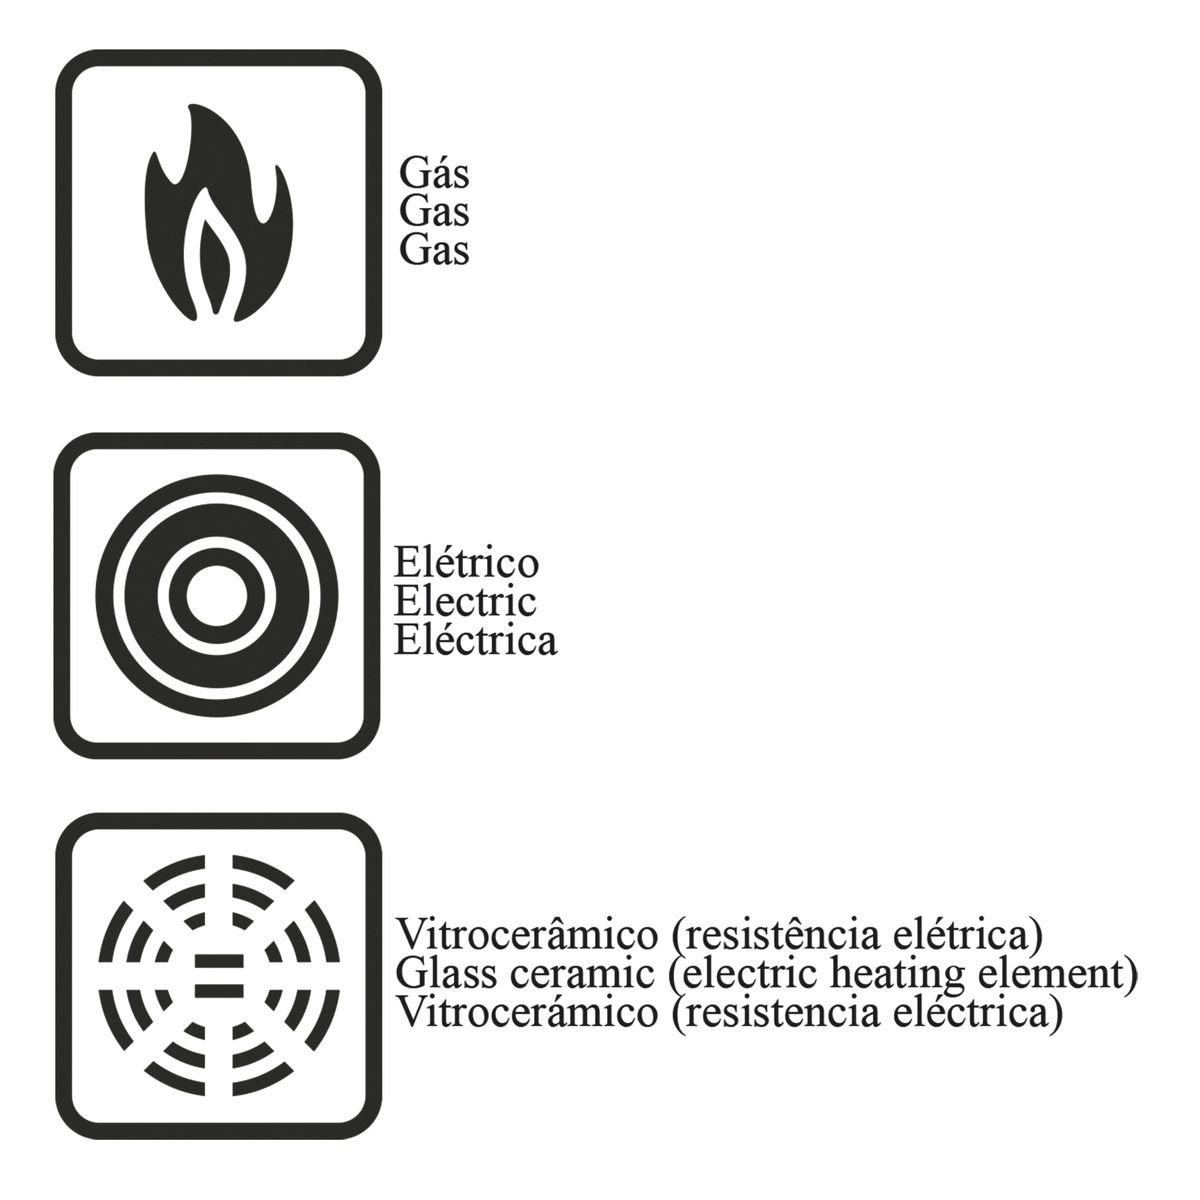 Frigideira funda de alumínio com revestimento interno de antiaderente Ø28cm 20140/728 | Lojas Estrela